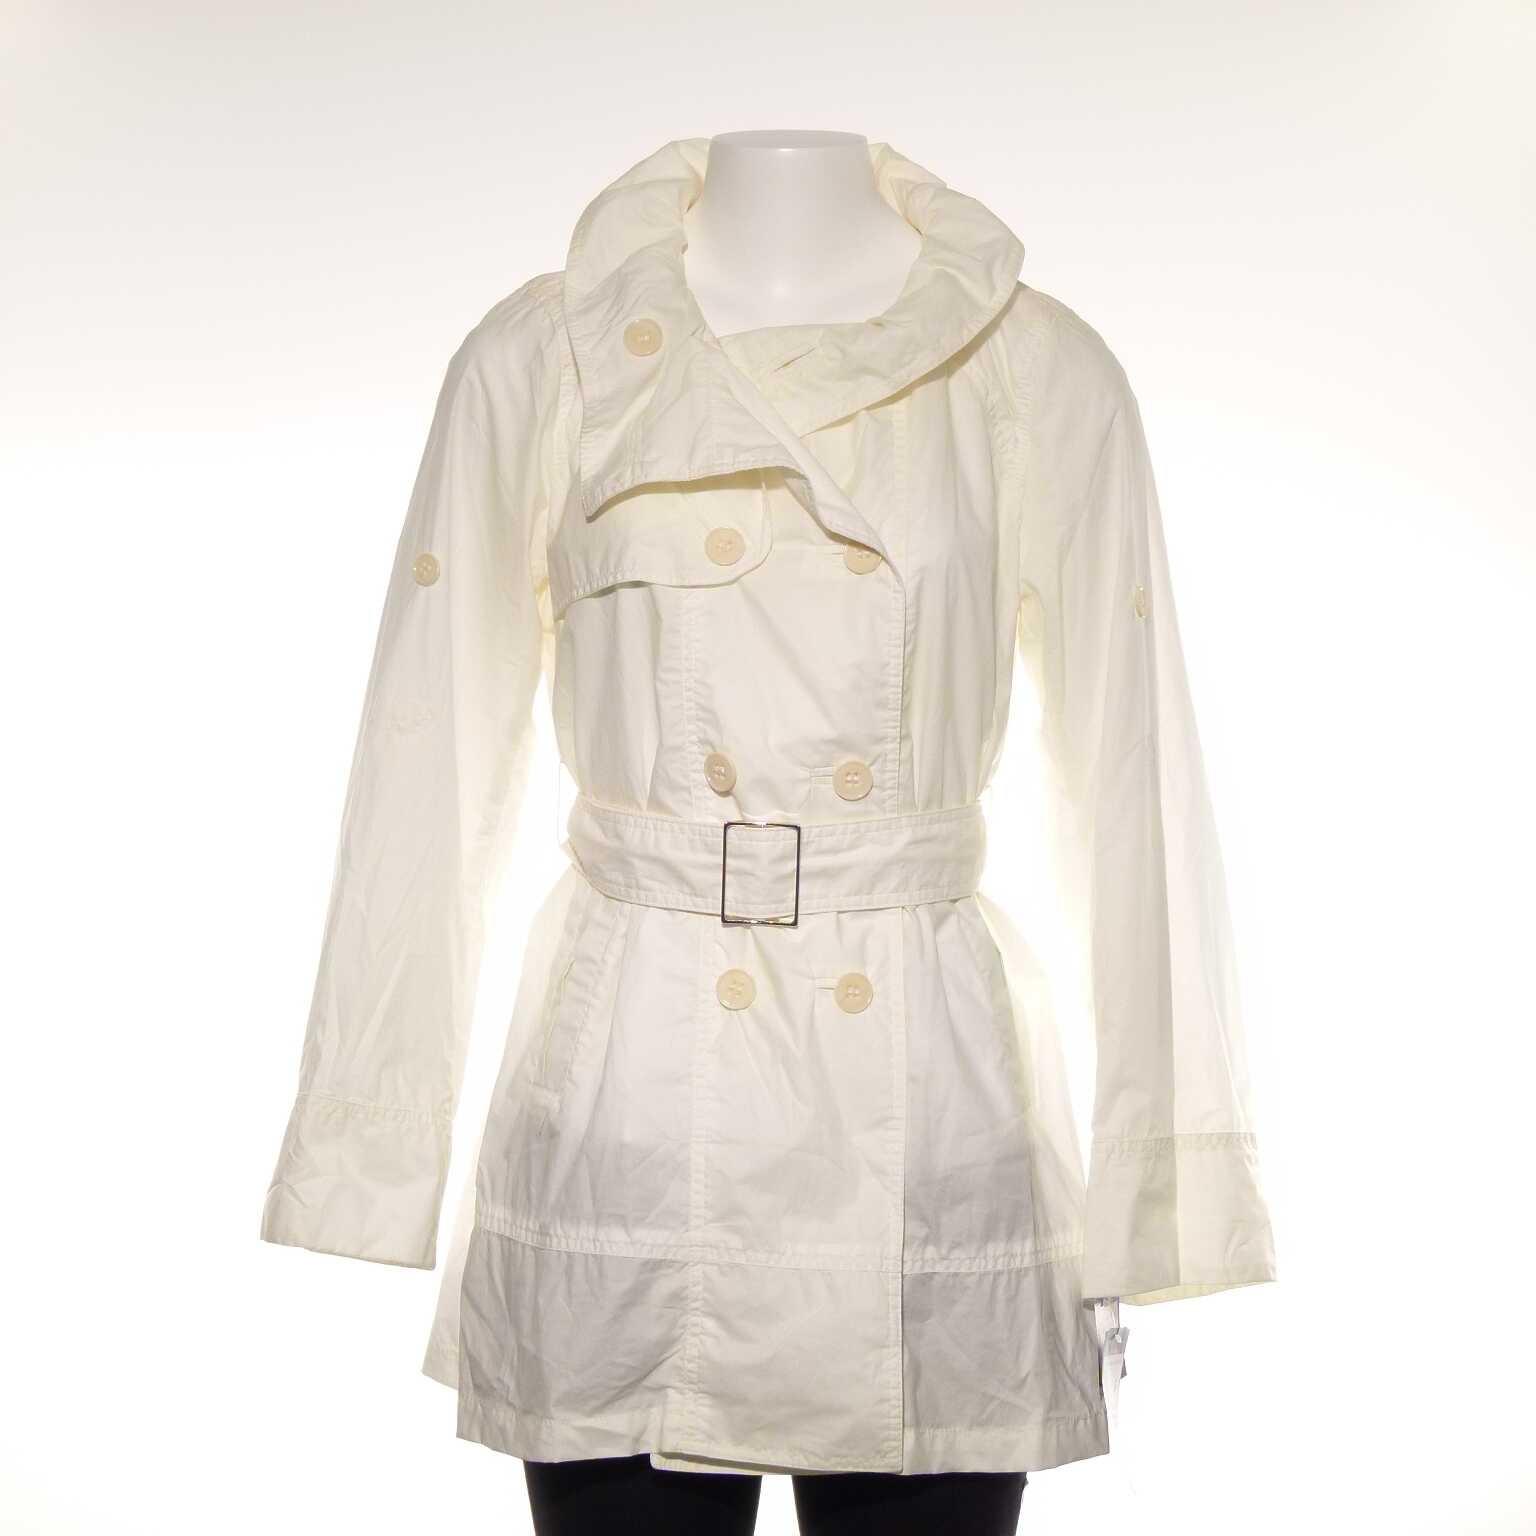 38 Mantel Women Roxy Cinque Creme Weiß Mäntel Jacke In Gr hh 61IpxwqO